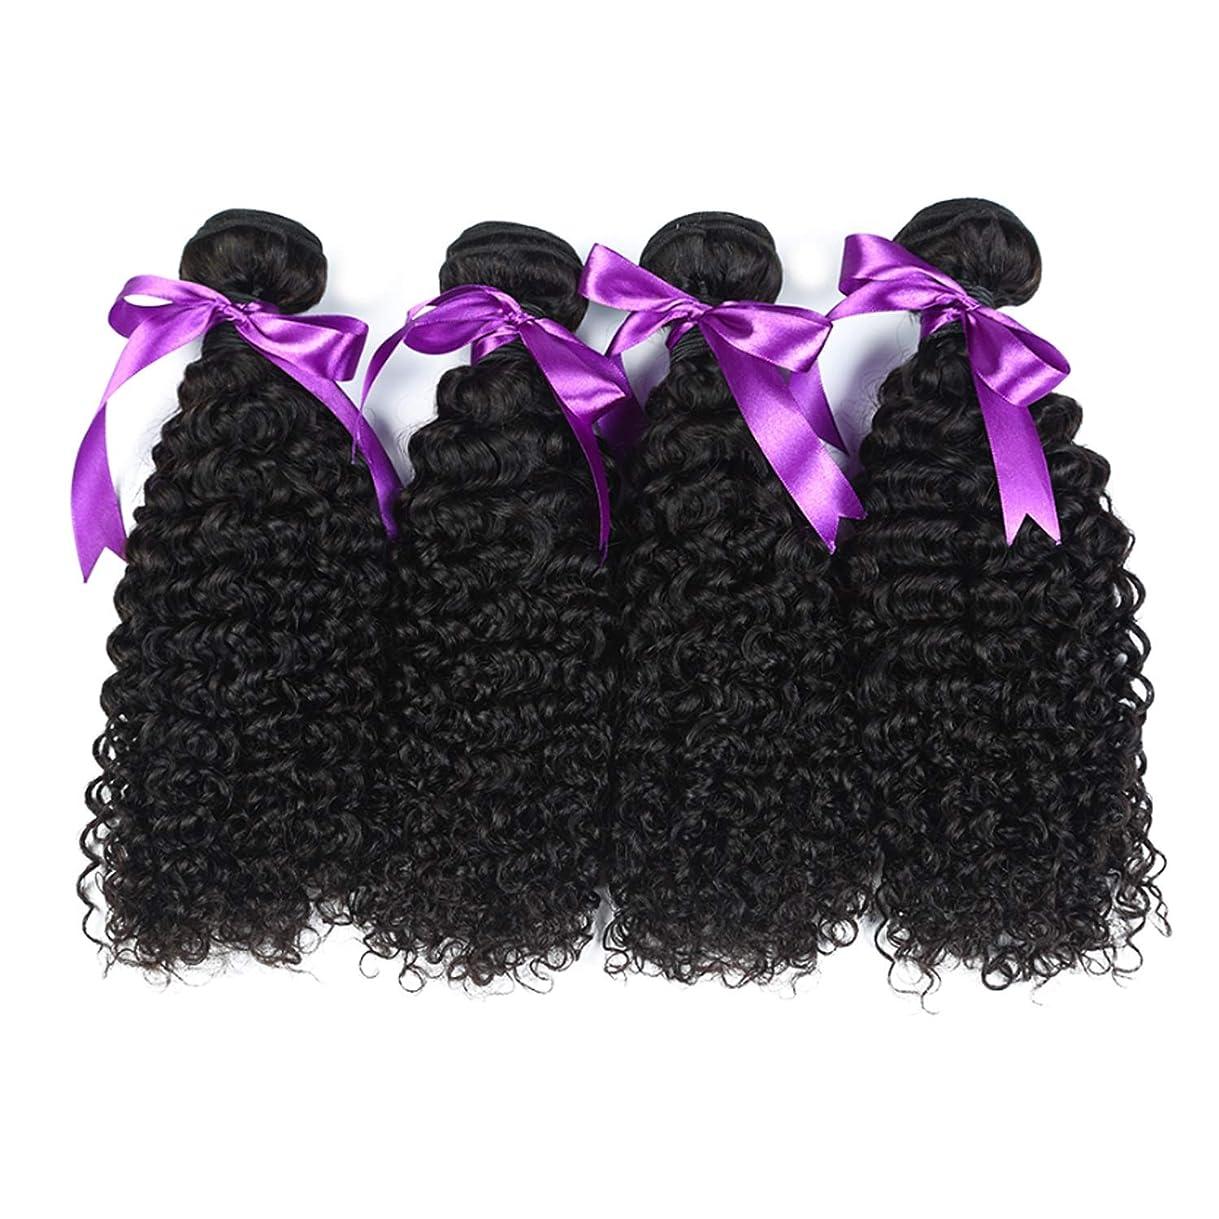 キャメル講義確立マレーシアの巻き毛の束8-28インチ100%の人間の毛髪は、Remyの毛のナチュラルカラー4個の巻き毛の束を織ります かつら (Stretched Length : 22 24 26 28)